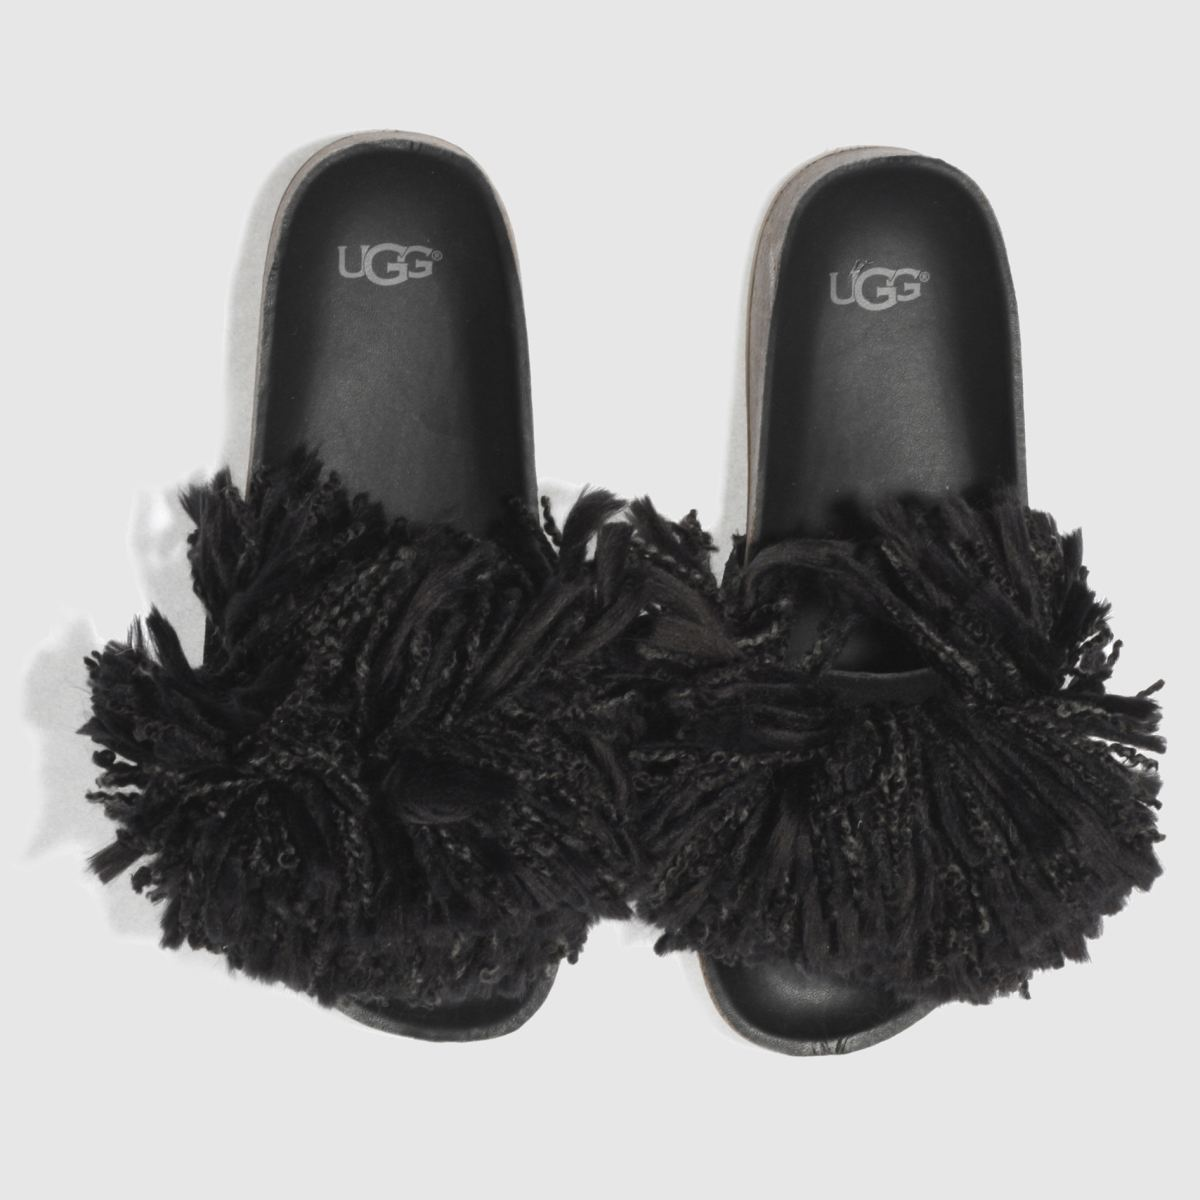 Ugg Black Cindy Sandals